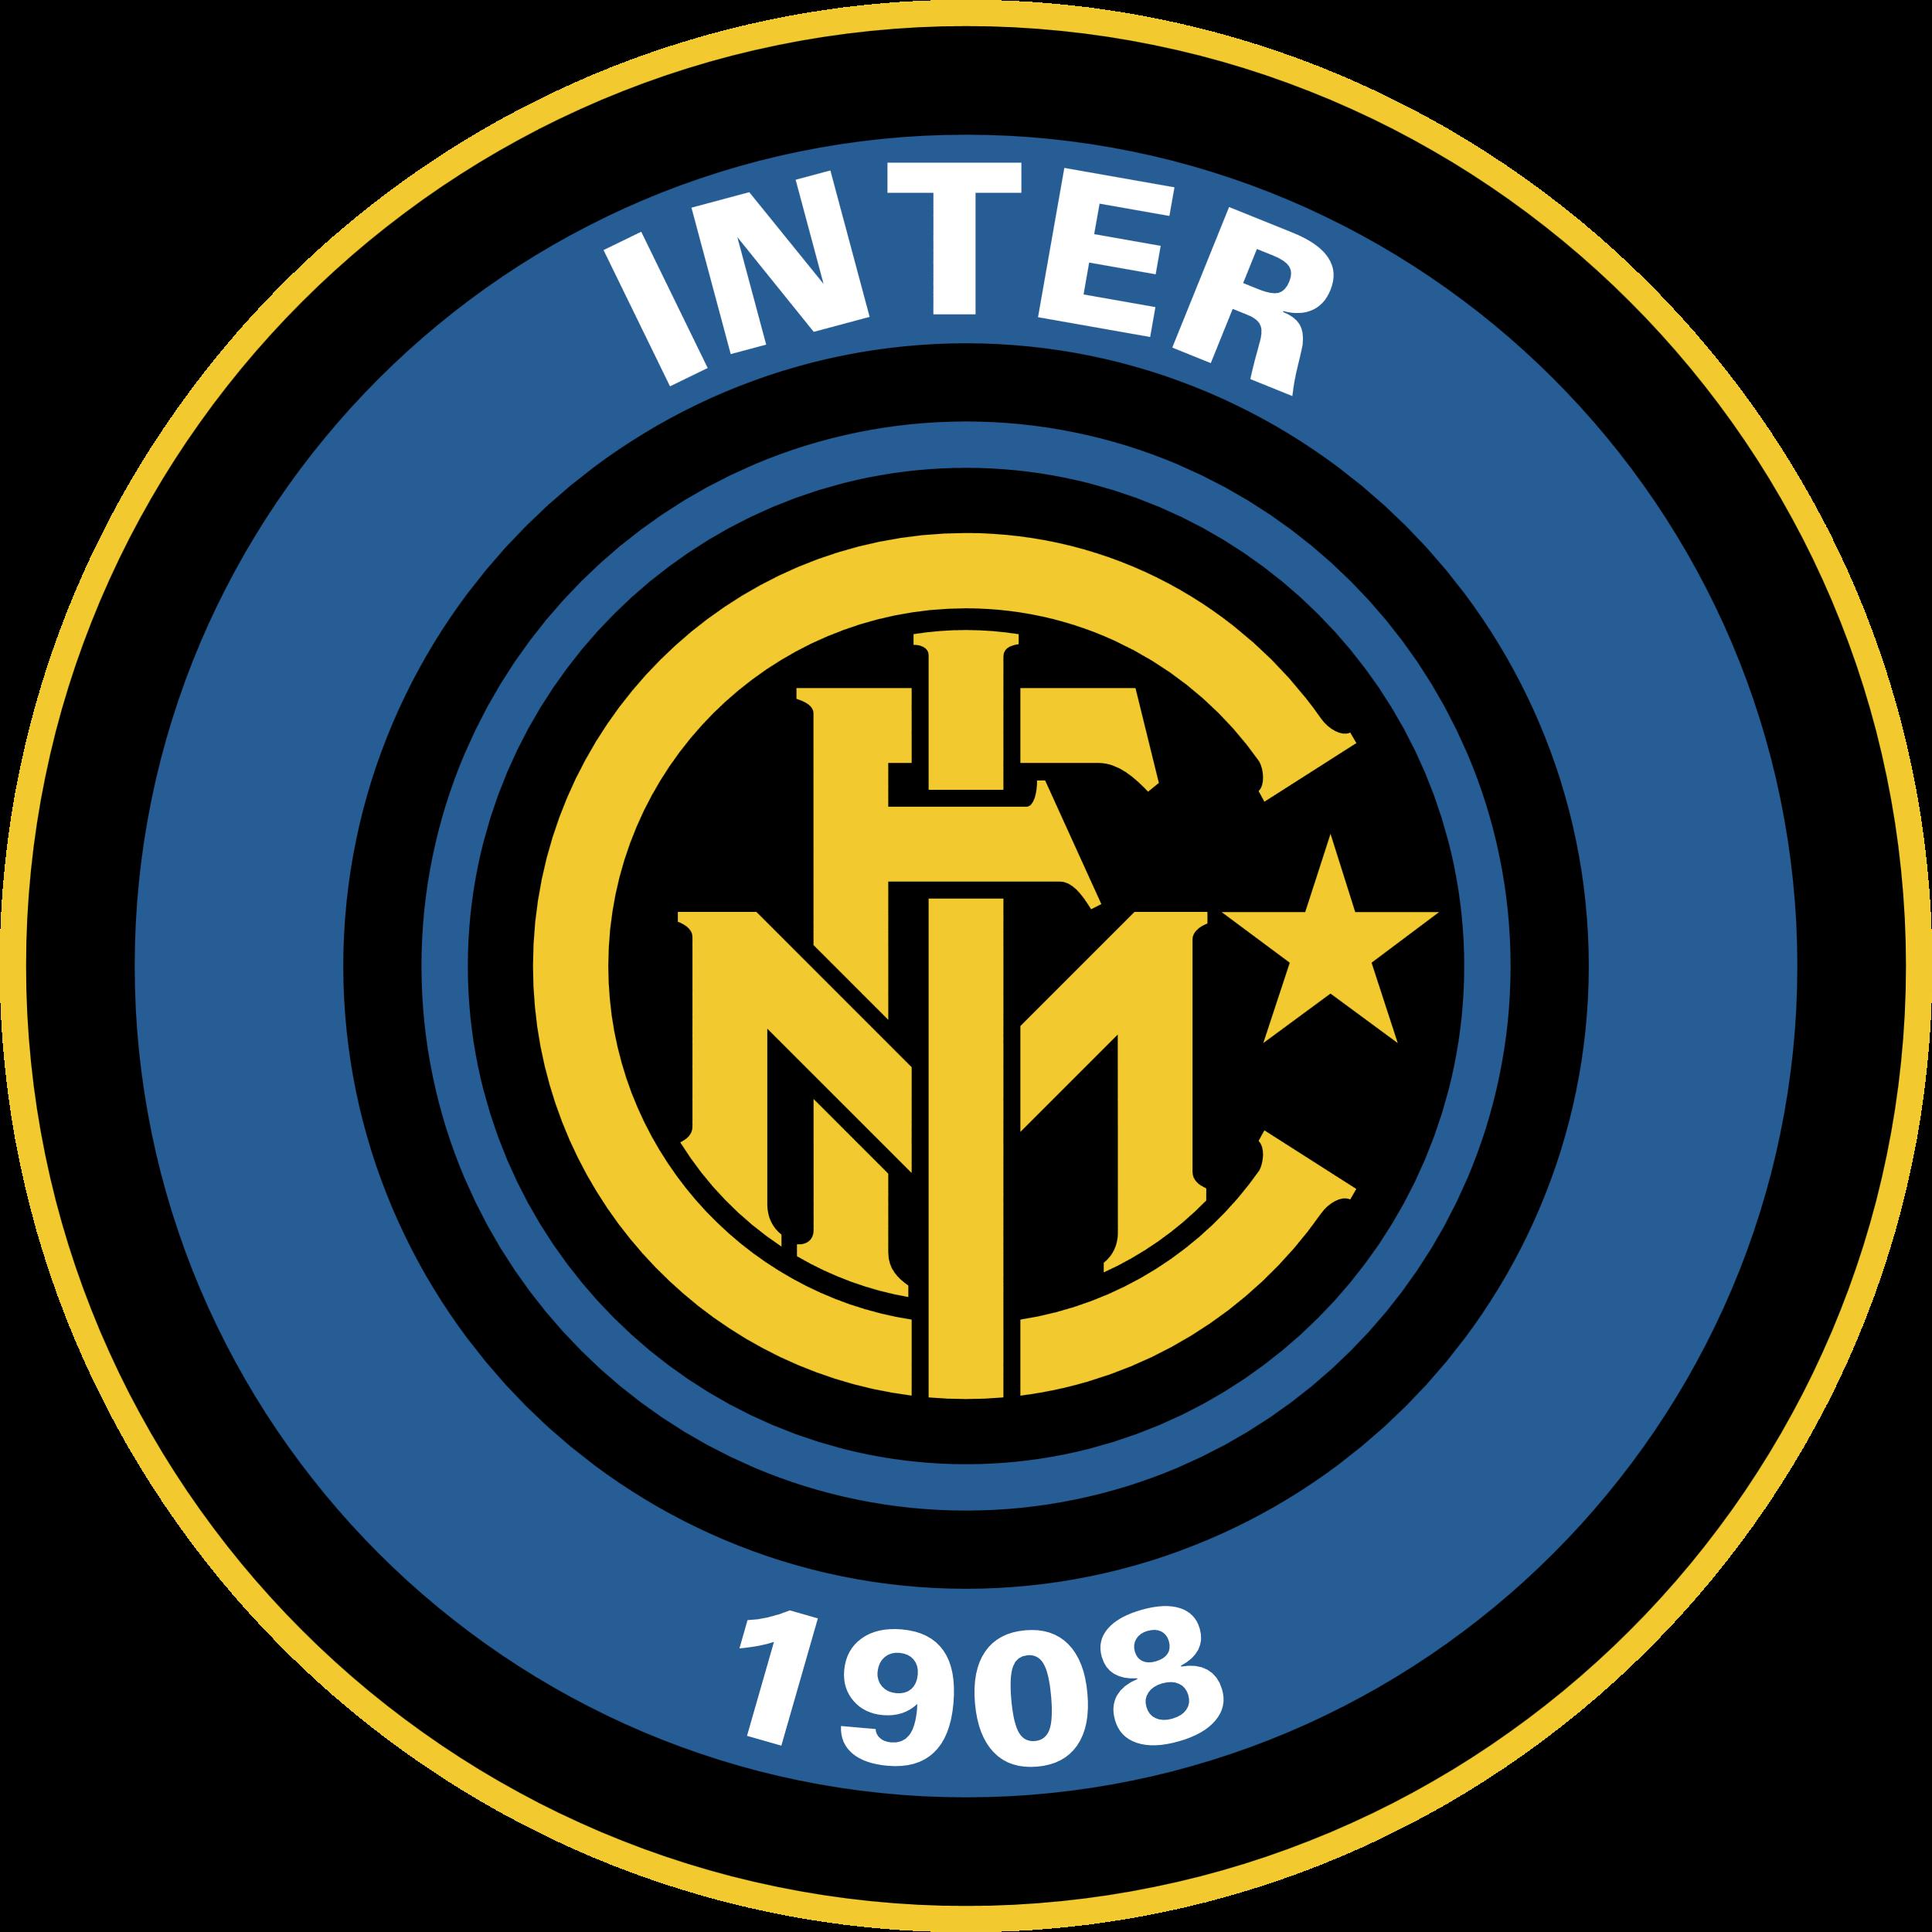 FOOTBALL CLUB INTERNAZIONALE MILANO (com imagens) | Escudos de ...